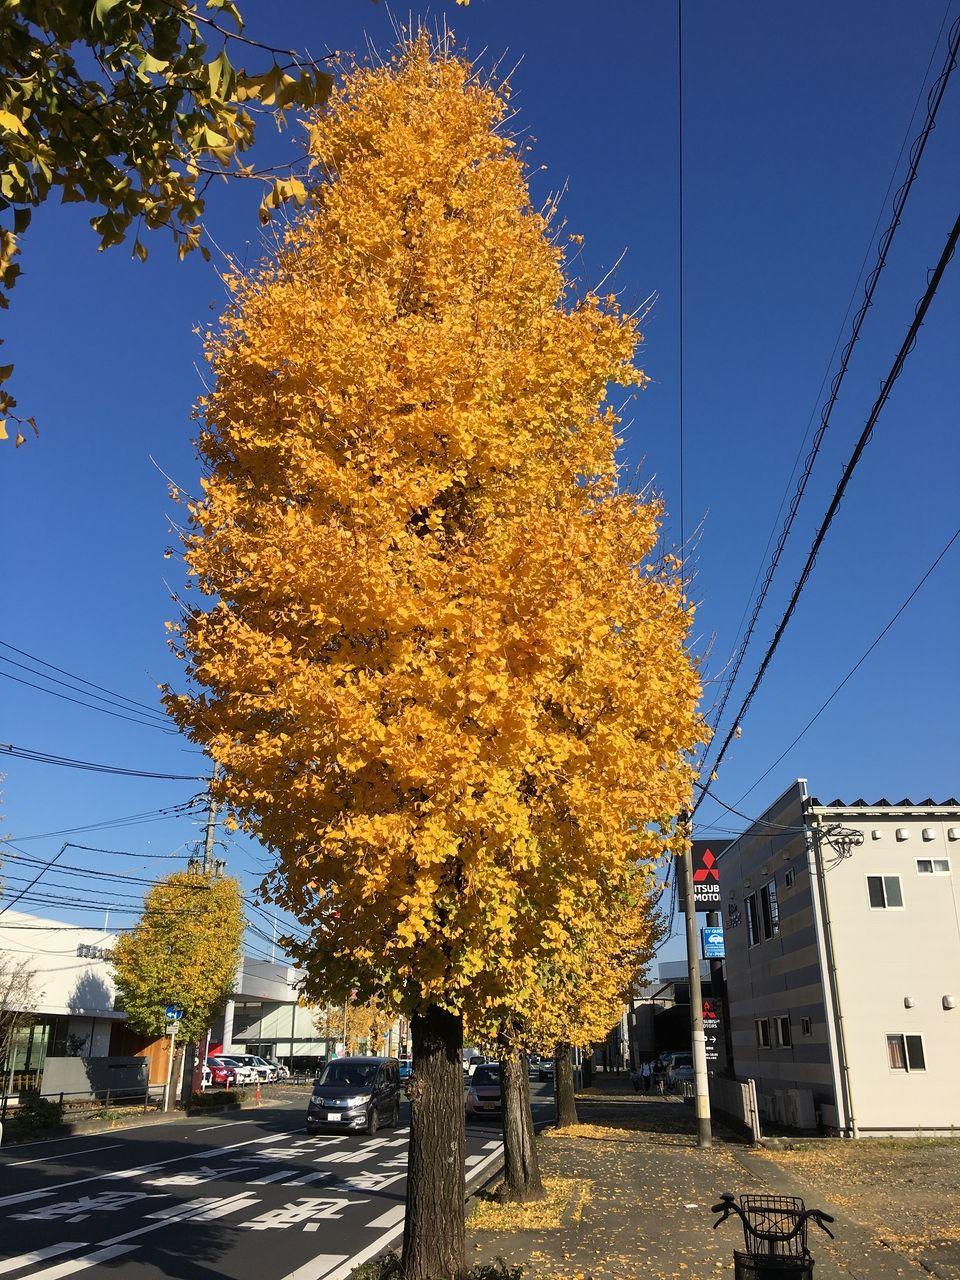 色ずく街路樹の銀杏